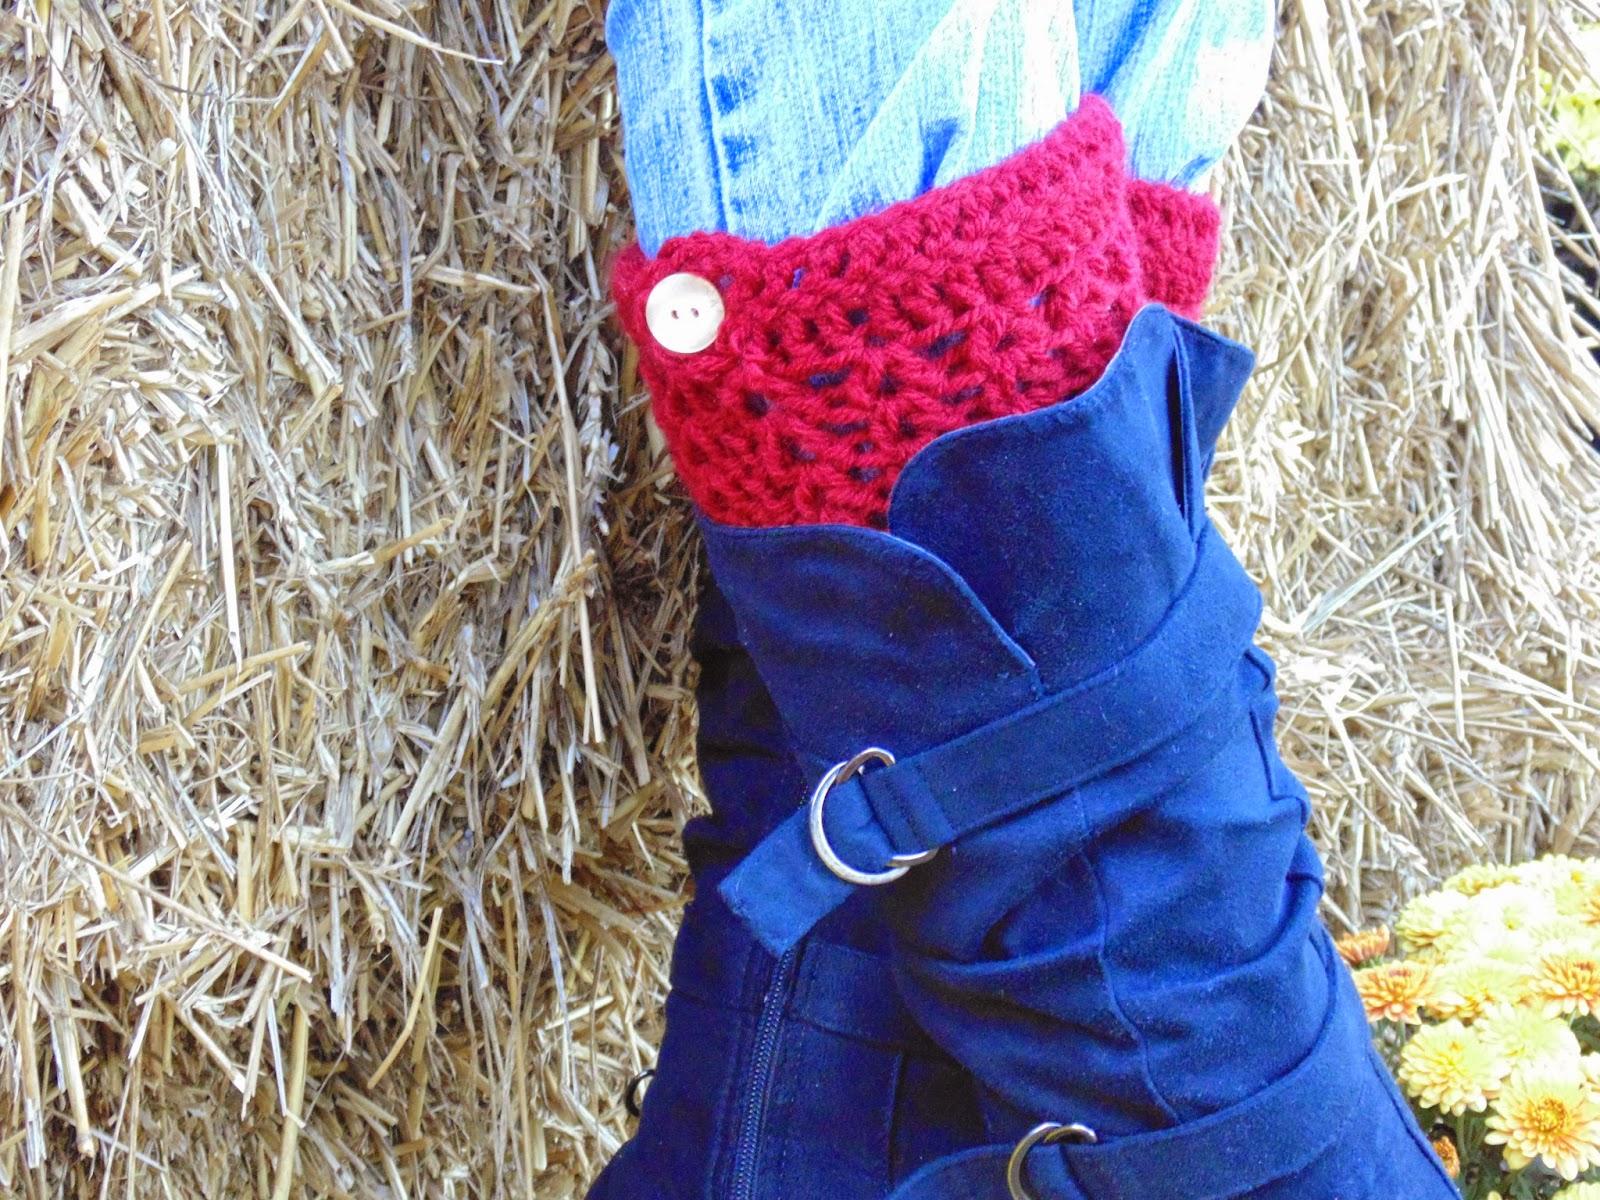 RAKJpatterns, free boot cuff crochet pattern, crochet pattern,